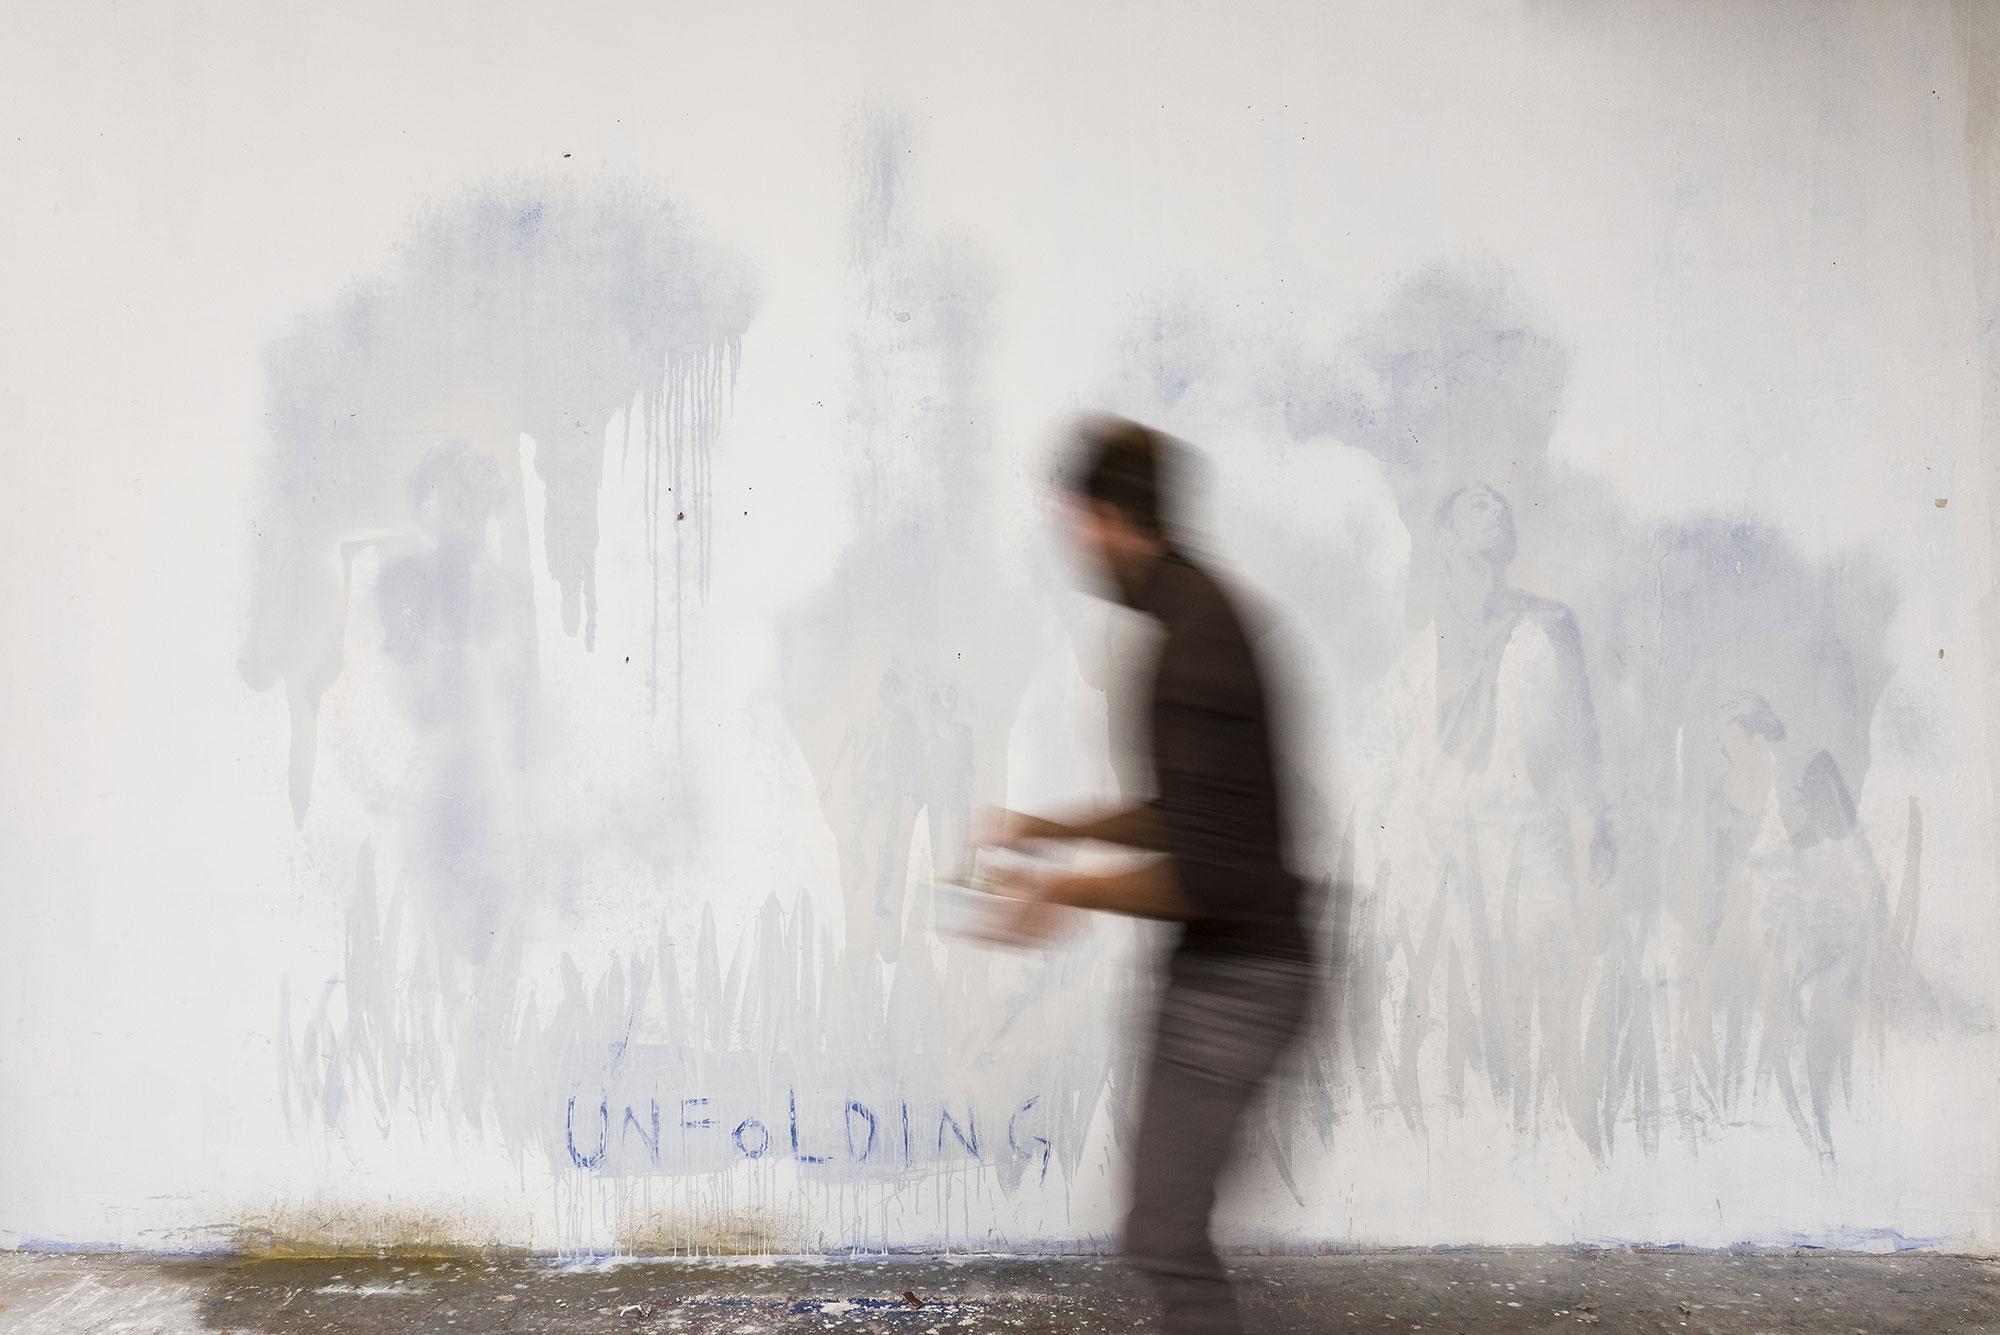 Risultati immagini per UNFOLDING DI MATTEO MONTANI